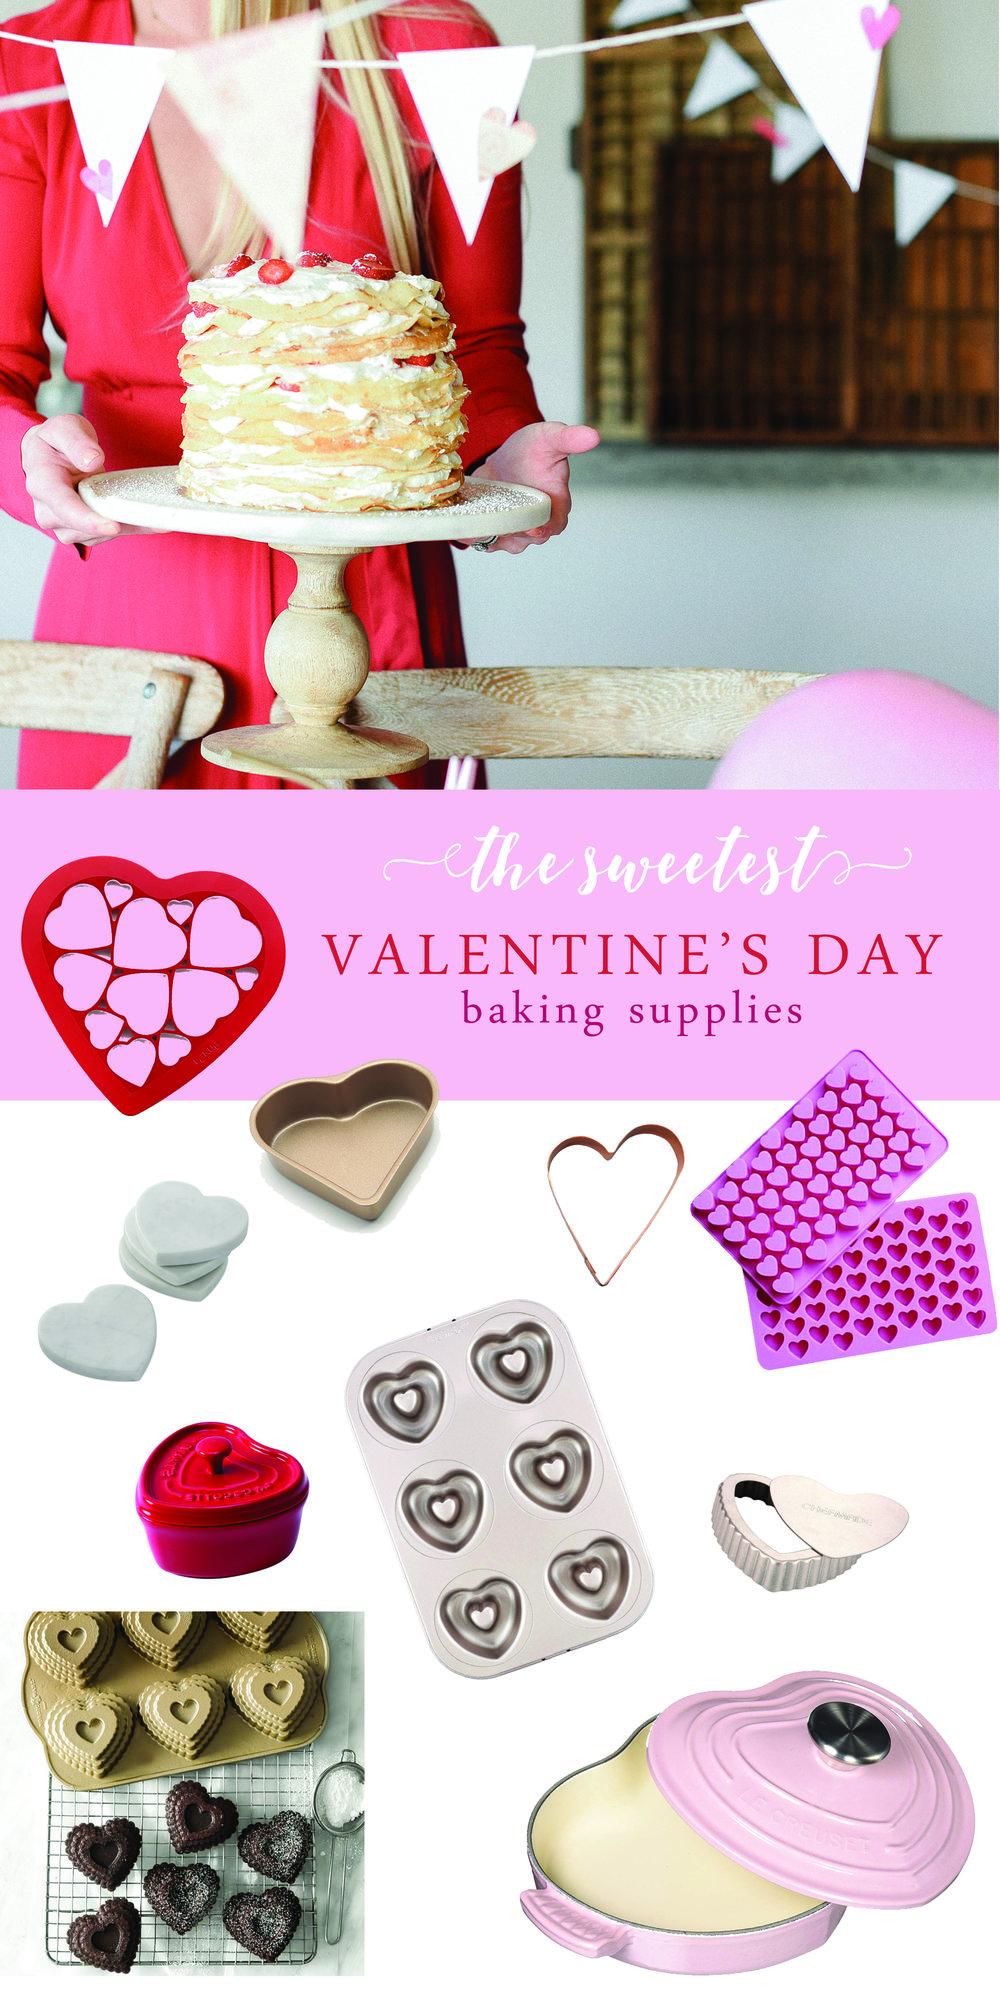 Valentine's Day baking ideas and supplies best amazon finds for Valentine's Day   #valentinesday #valentinesdaybaking